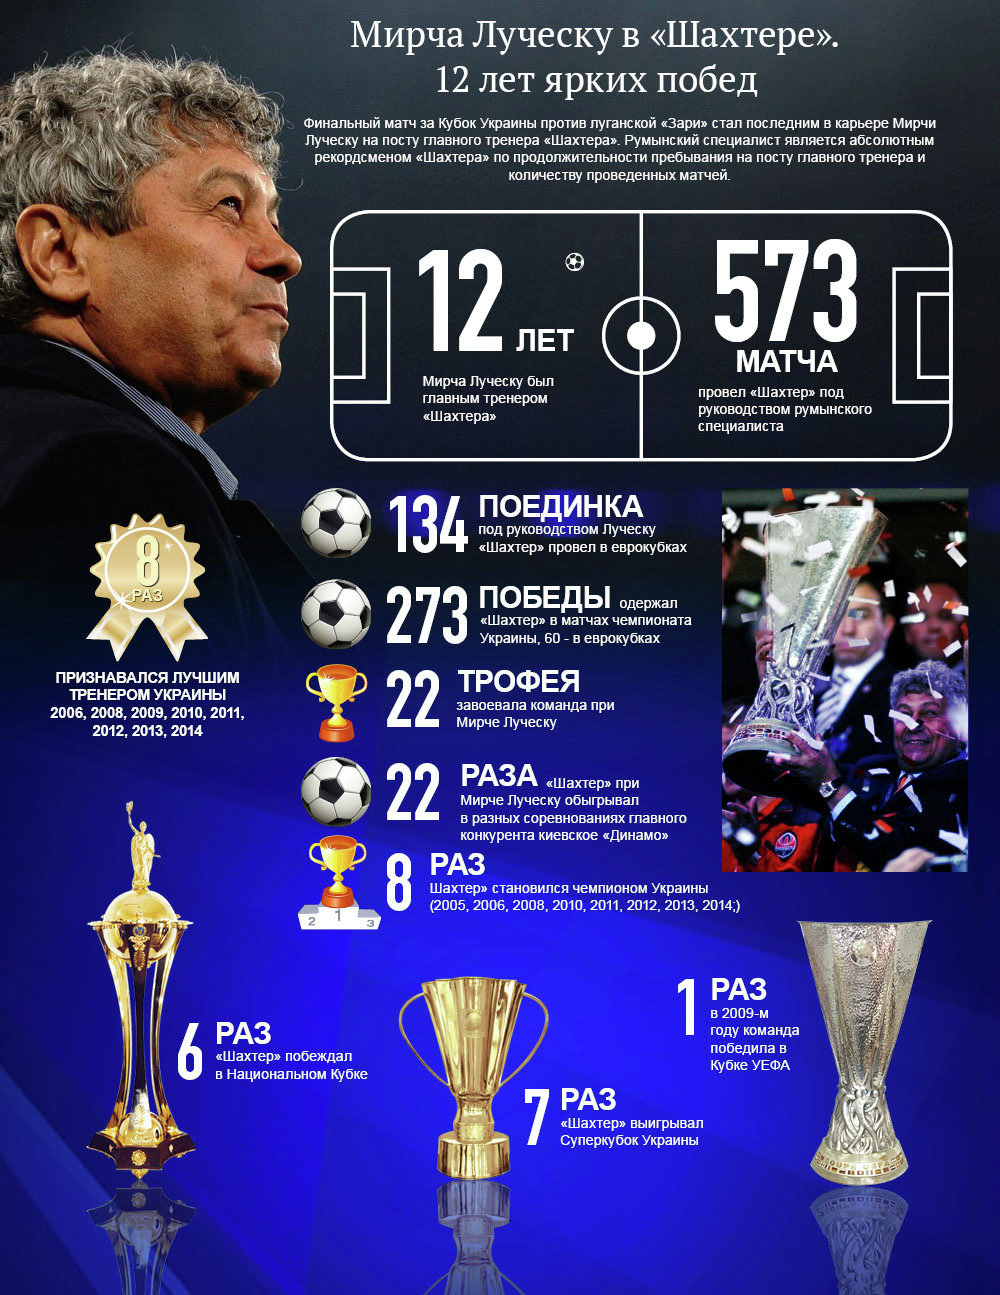 Мирча Луческу в Шахтере: 12 лет ярких побед. Инфографика